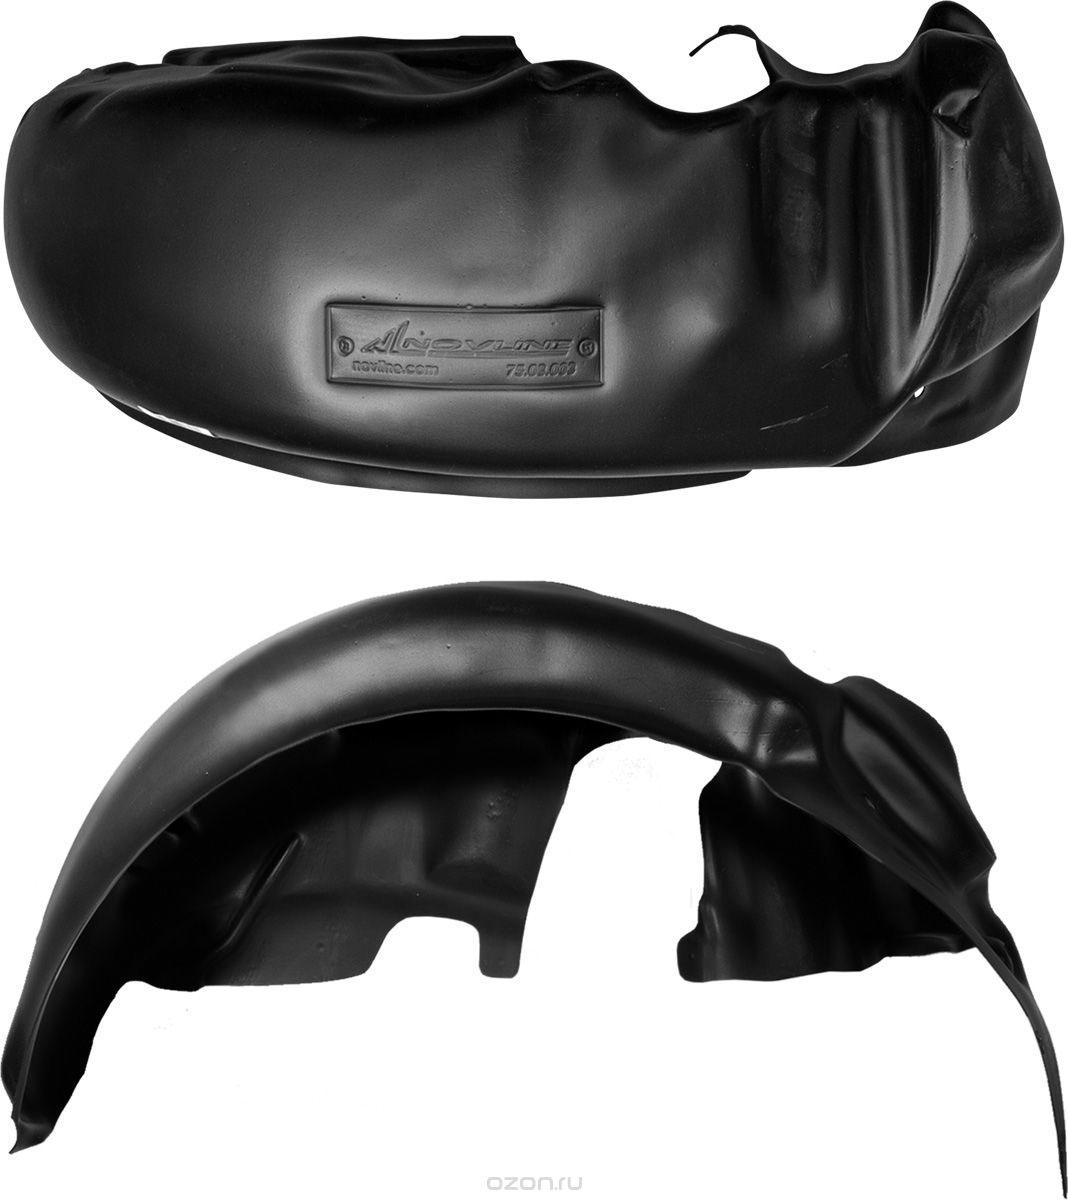 Подкрылок Novline-Autofamily, для ACURA RDX, 2014->, задний левыйNLL.01.01.003Идеальная защита колесной ниши. Локеры разработаны с применением цифровых технологий, гарантируют максимальную повторяемость поверхности арки. Изделия устанавливаются без нарушения лакокрасочного покрытия автомобиля, каждый подкрылок комплектуется крепежом. Уважаемые клиенты, обращаем ваше внимание, что фотографии на подкрылки универсальные и не отражают реальную форму изделия. При этом само изделие идет точно под размер указанного автомобиля.